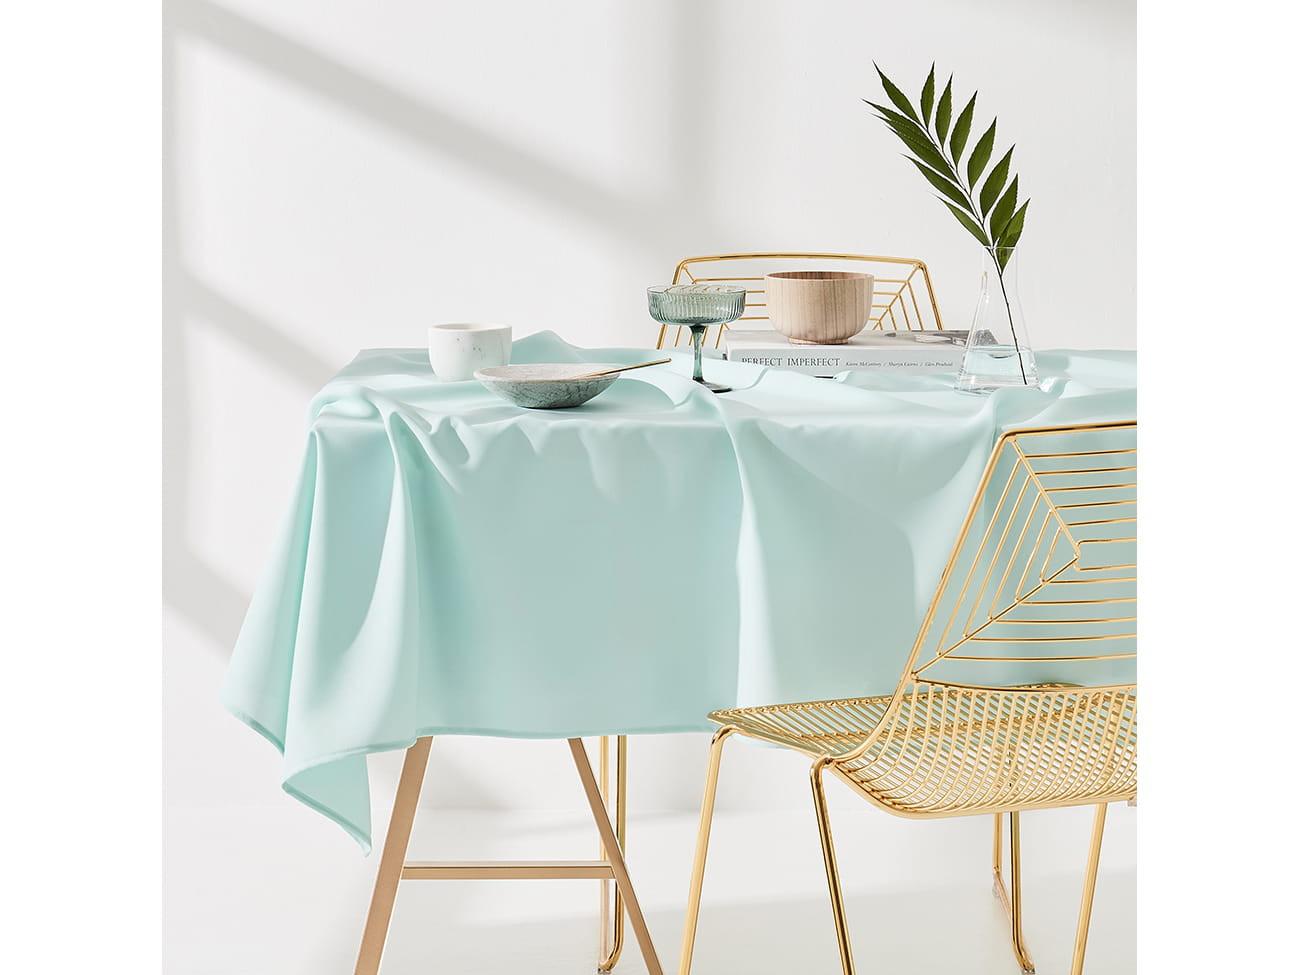 Ubrus na stůl tyrkysové barvě bez motivu 140 x 260 cm